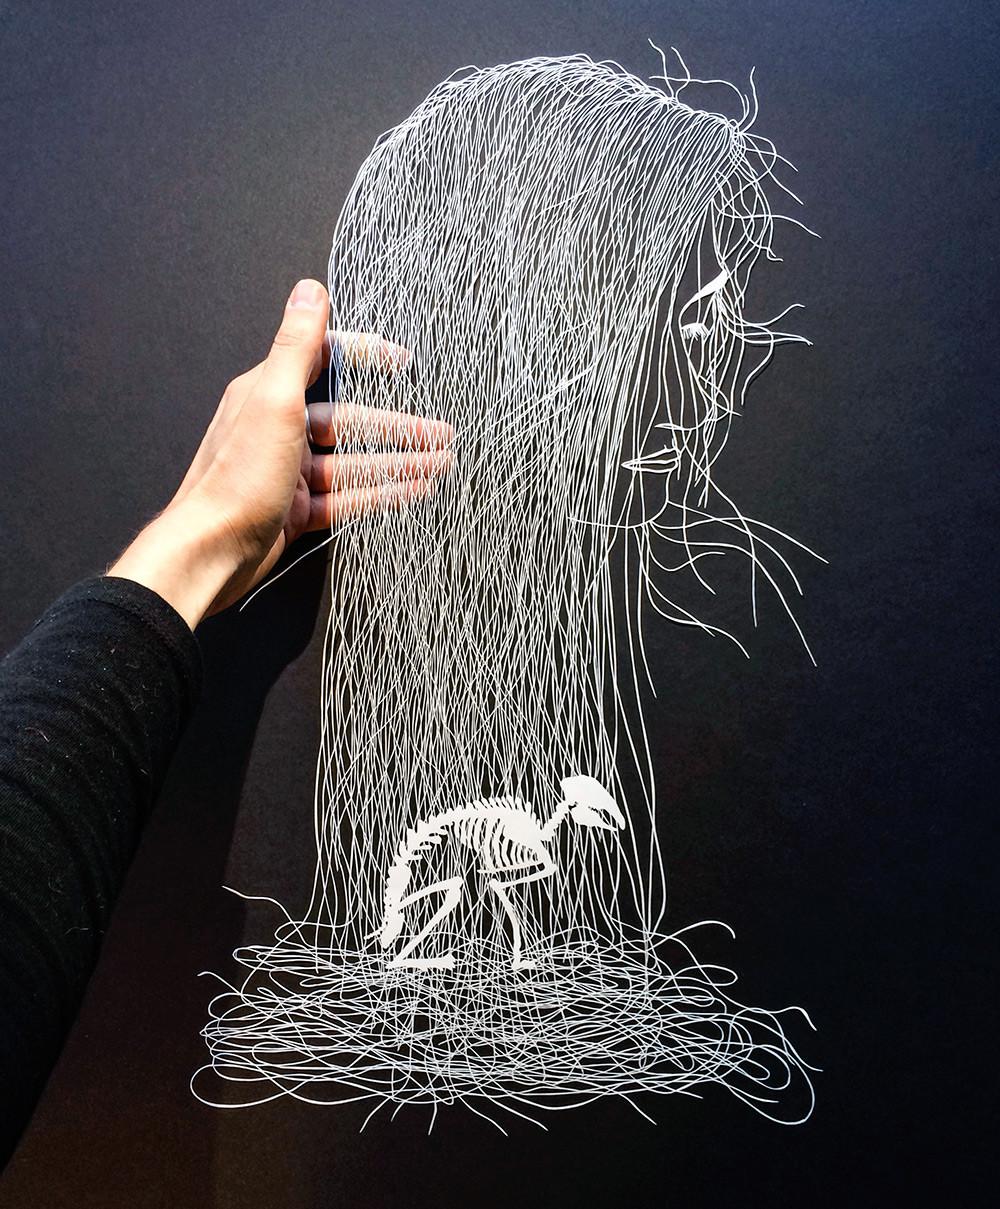 أعمال فنية معقدة عن طريق قص الورق بدقة فائقة